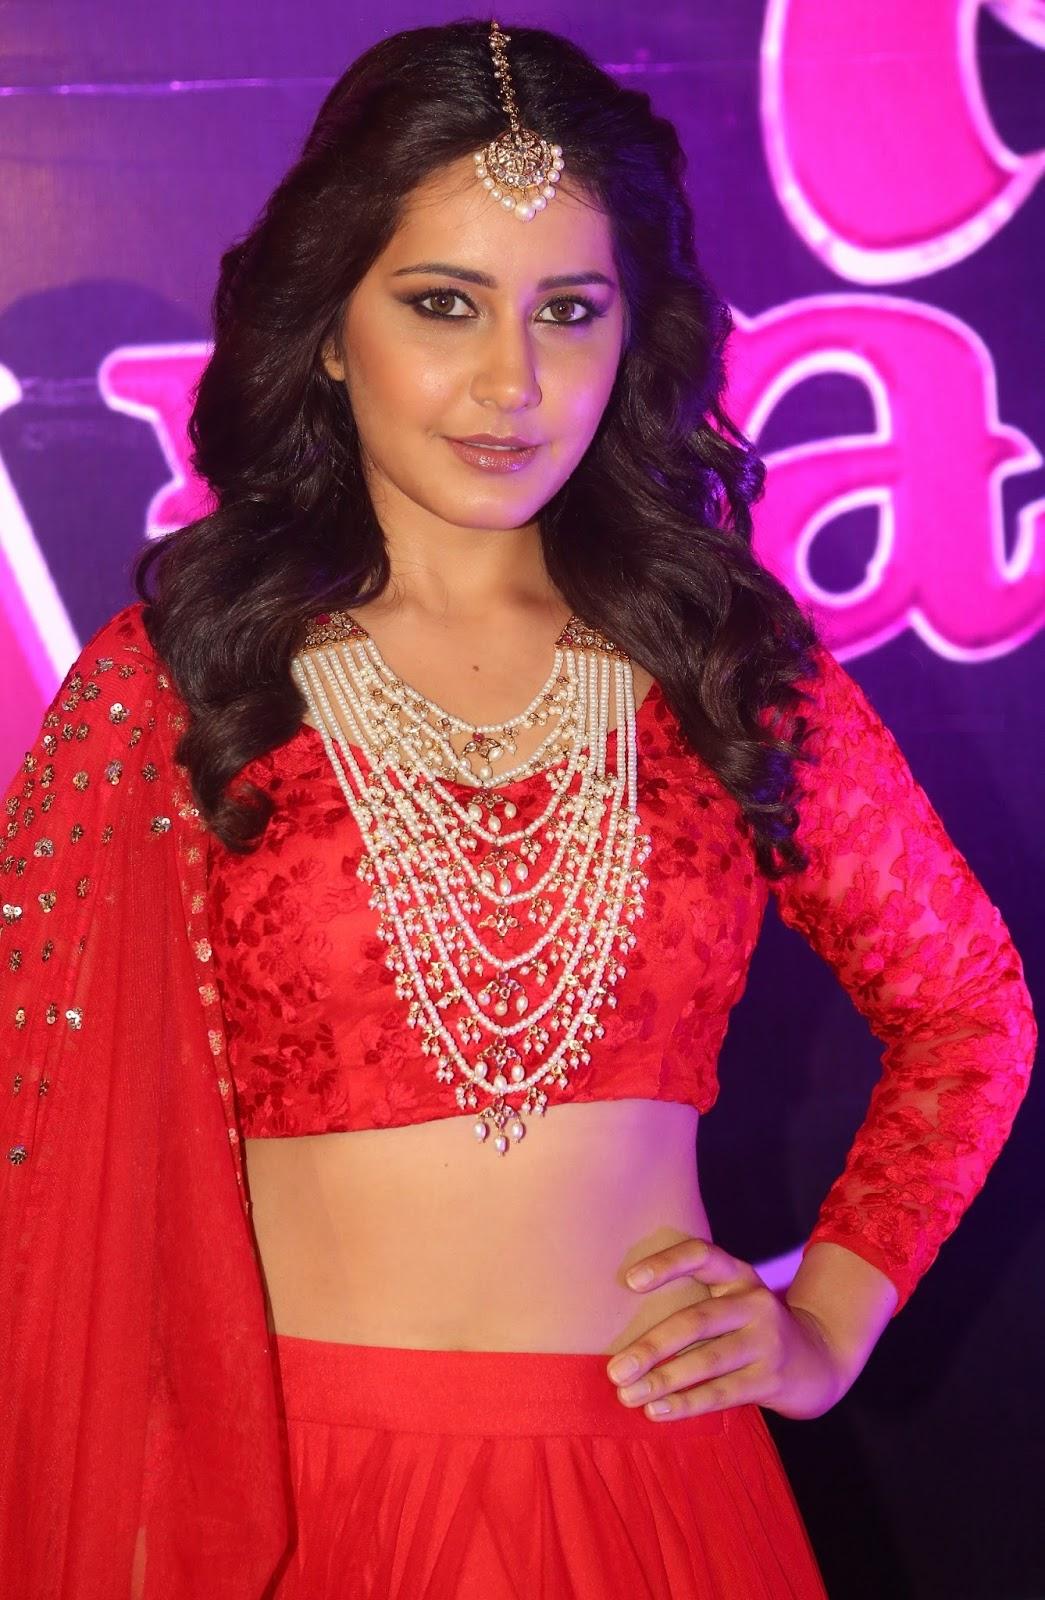 Telugu Actress Rashi Khanna Hot Photos in Apsara Award